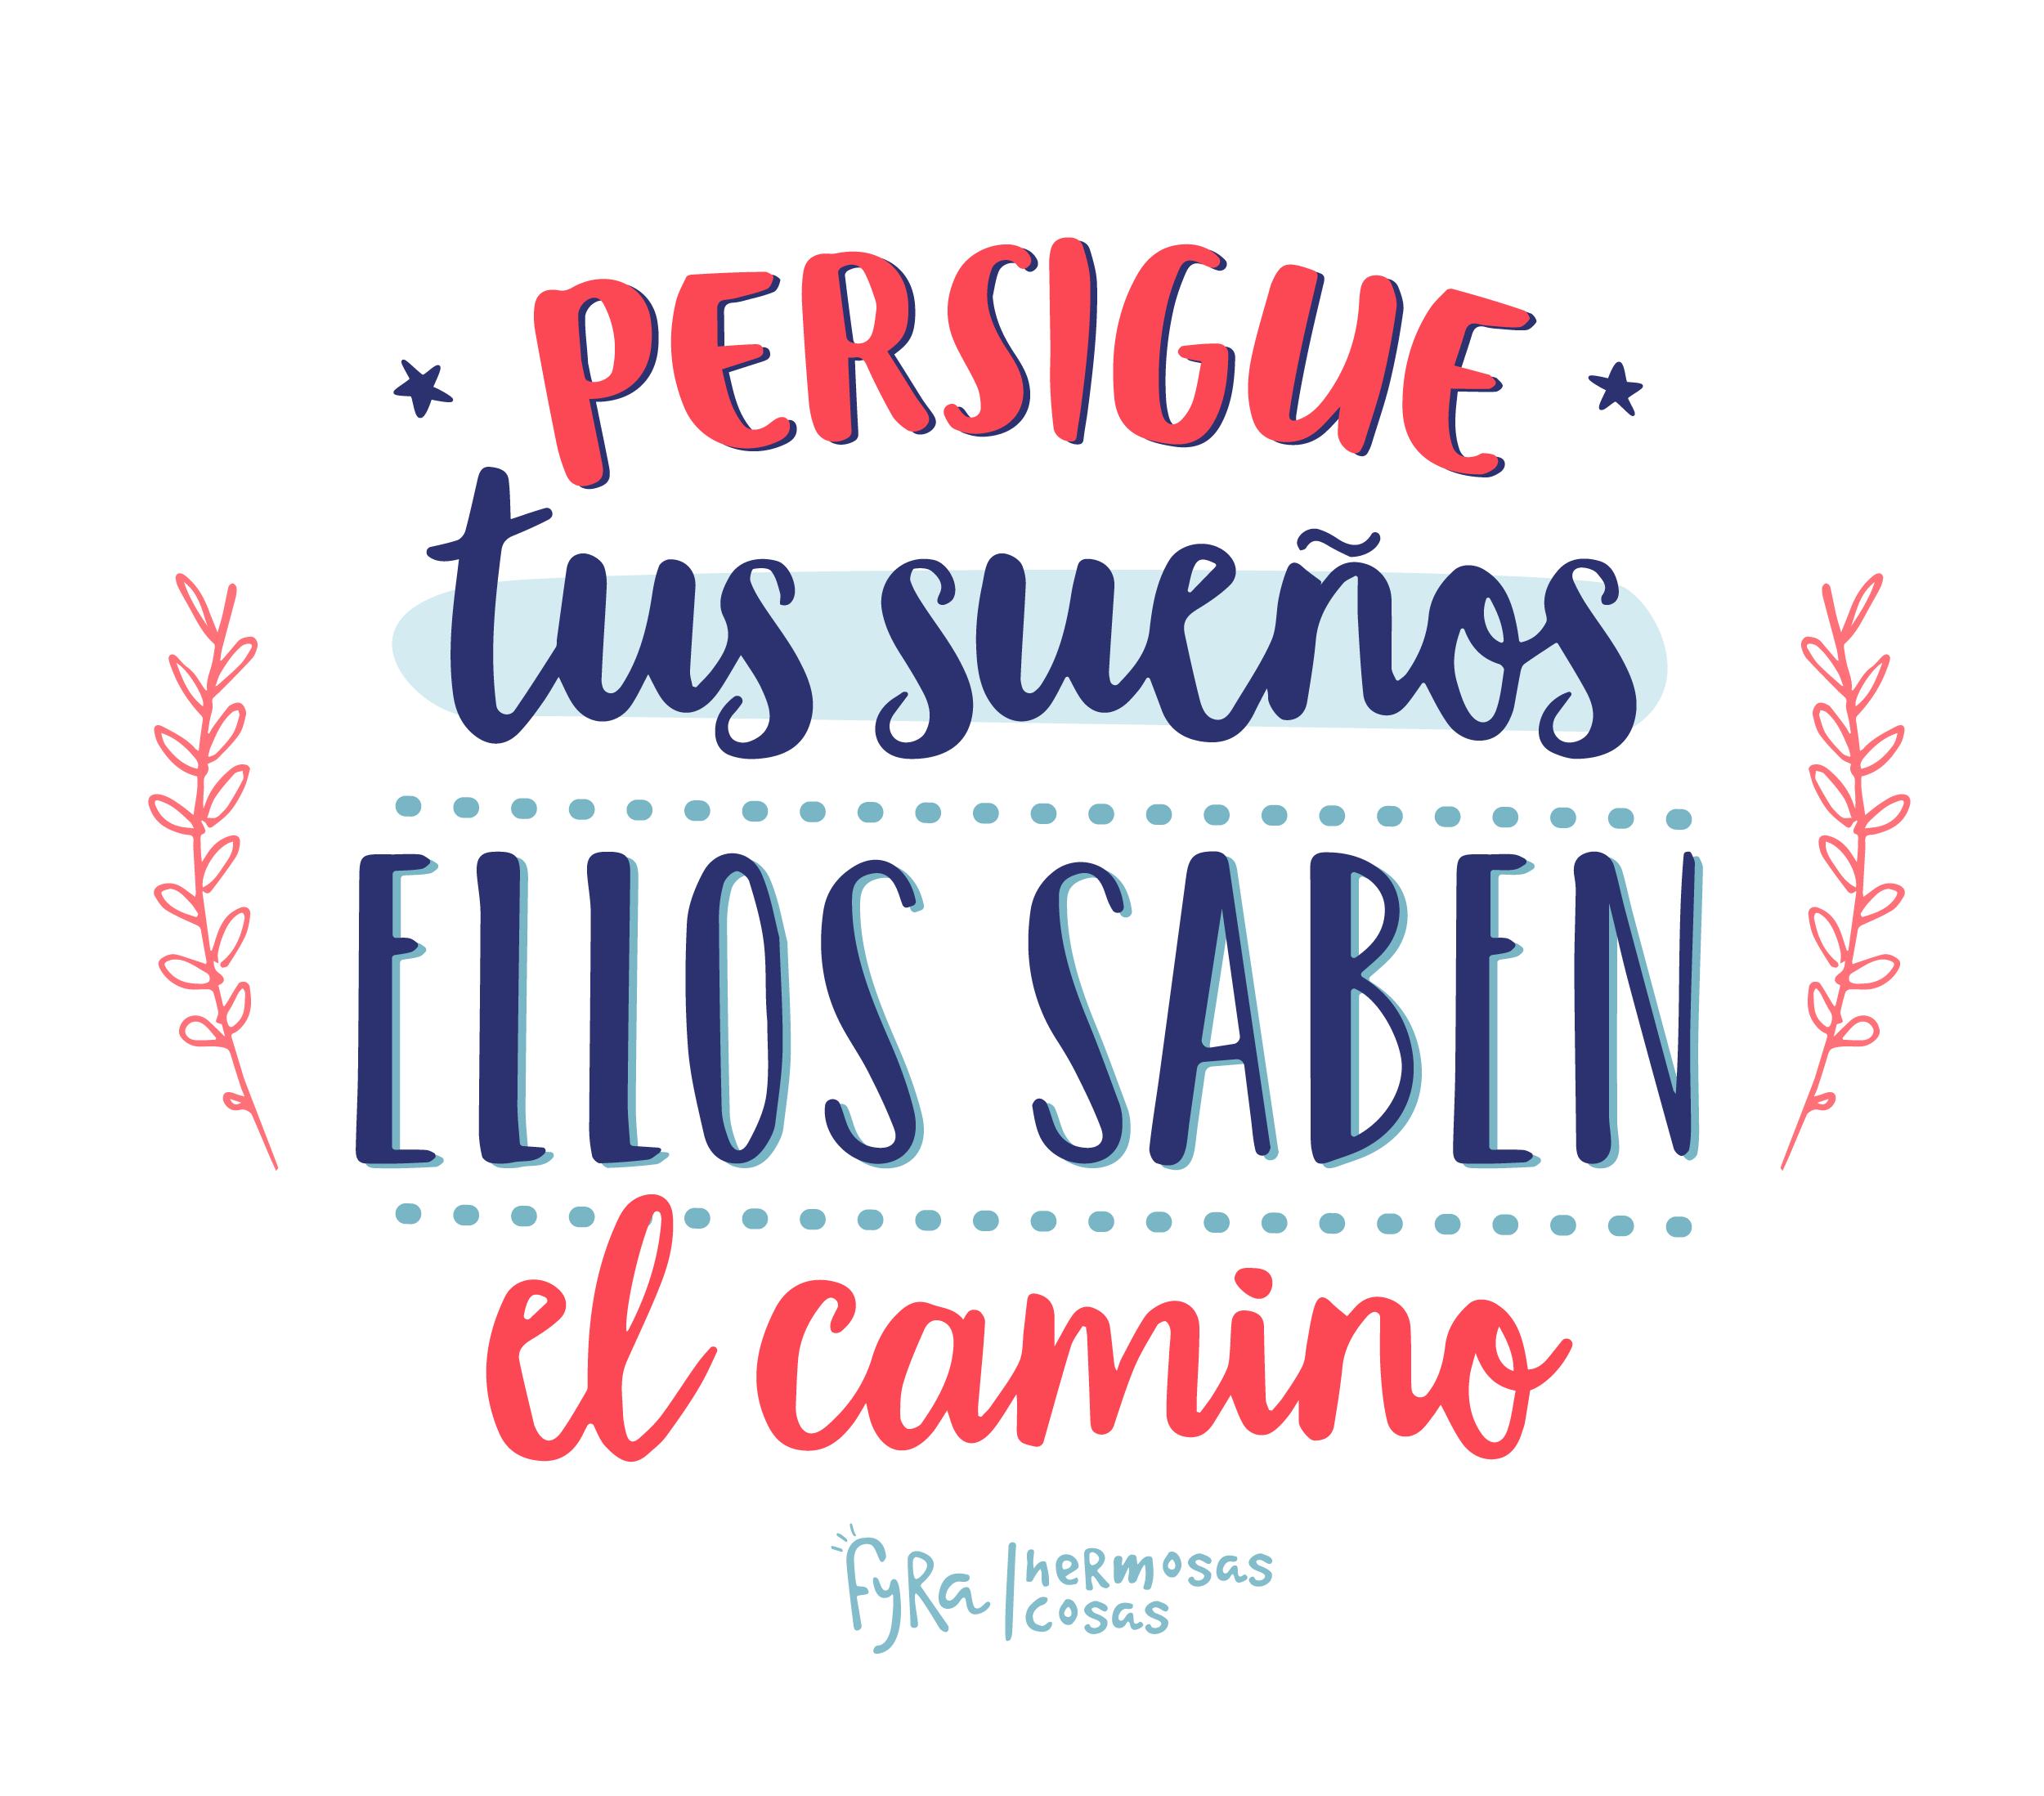 Persigue Tus Sueños Ellos Saben El Camino Frases Positivas Imagenes Con Frases Positivas Frases Sueños Frases Positivas